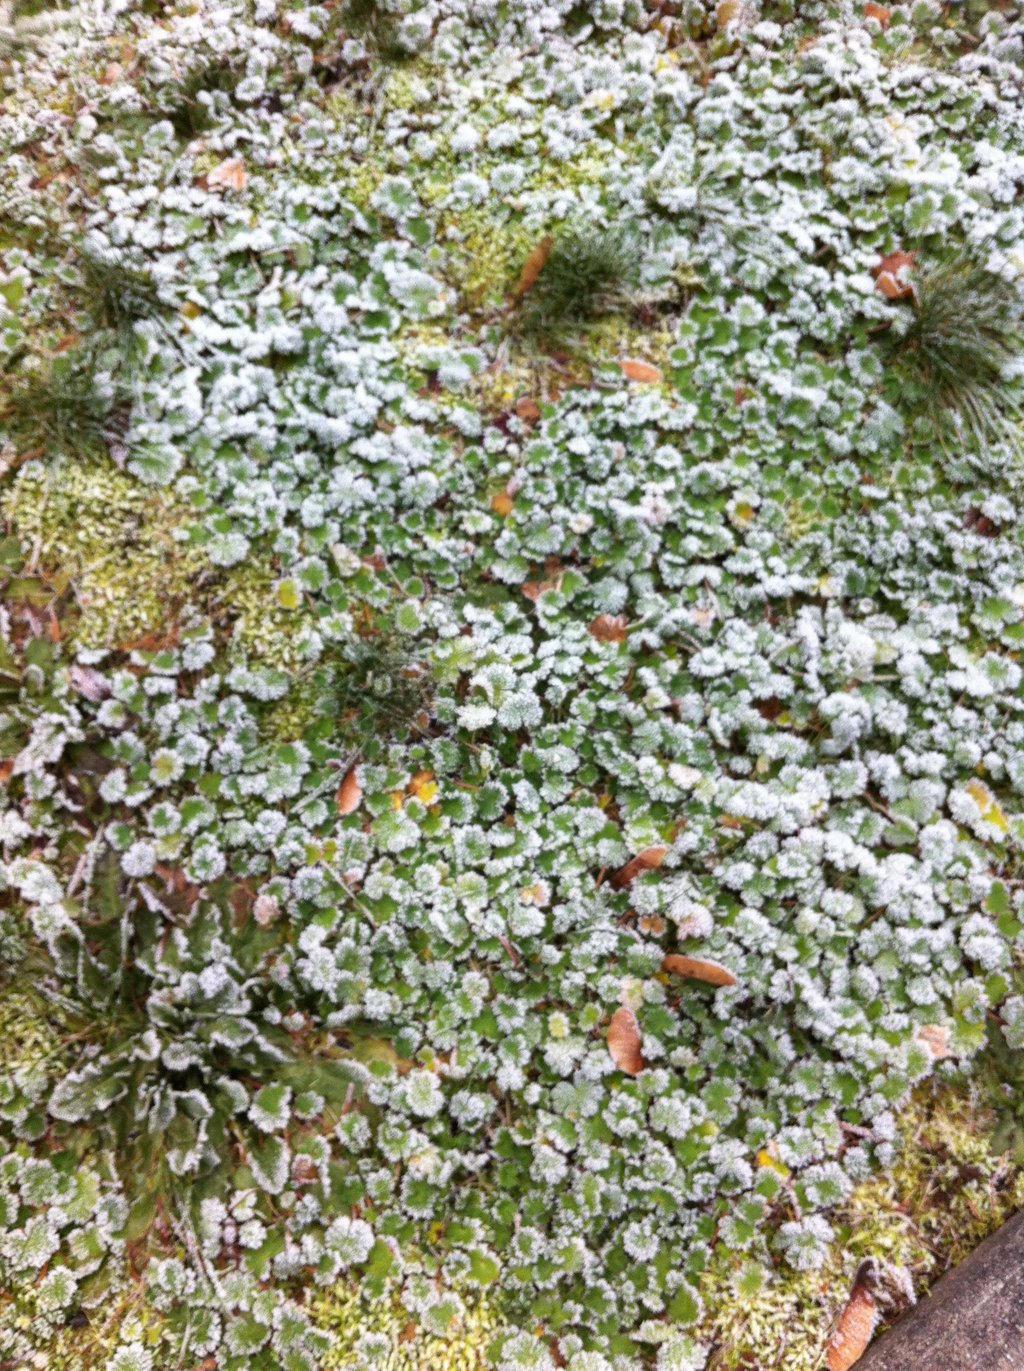 Frosty Leaves 2 by SnowWolfx13